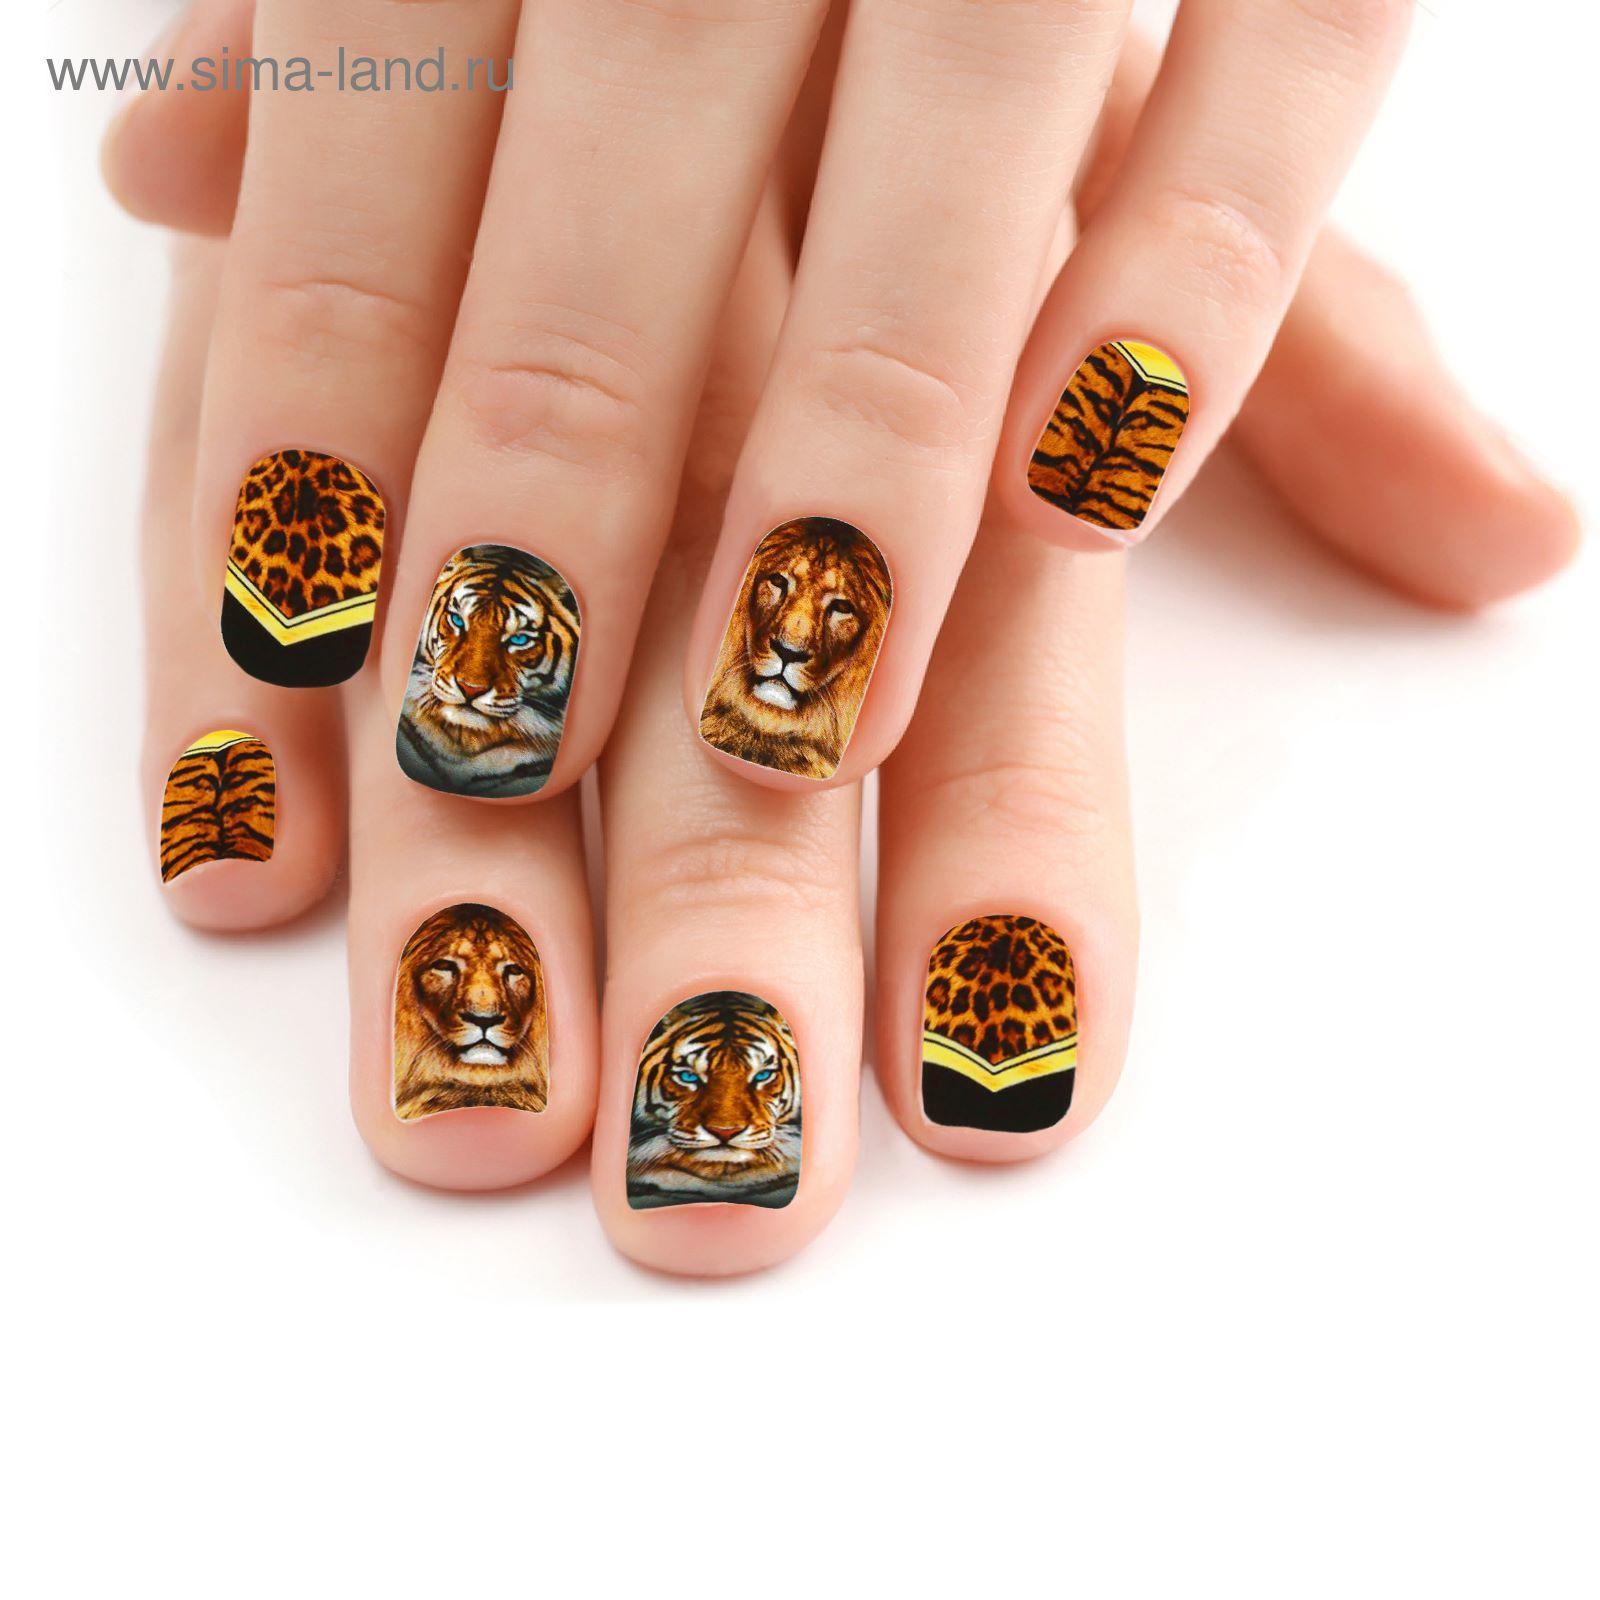 51a01e557fa7 слайдер дизайн для ногтей купить оптом - Тюменский издательский дом